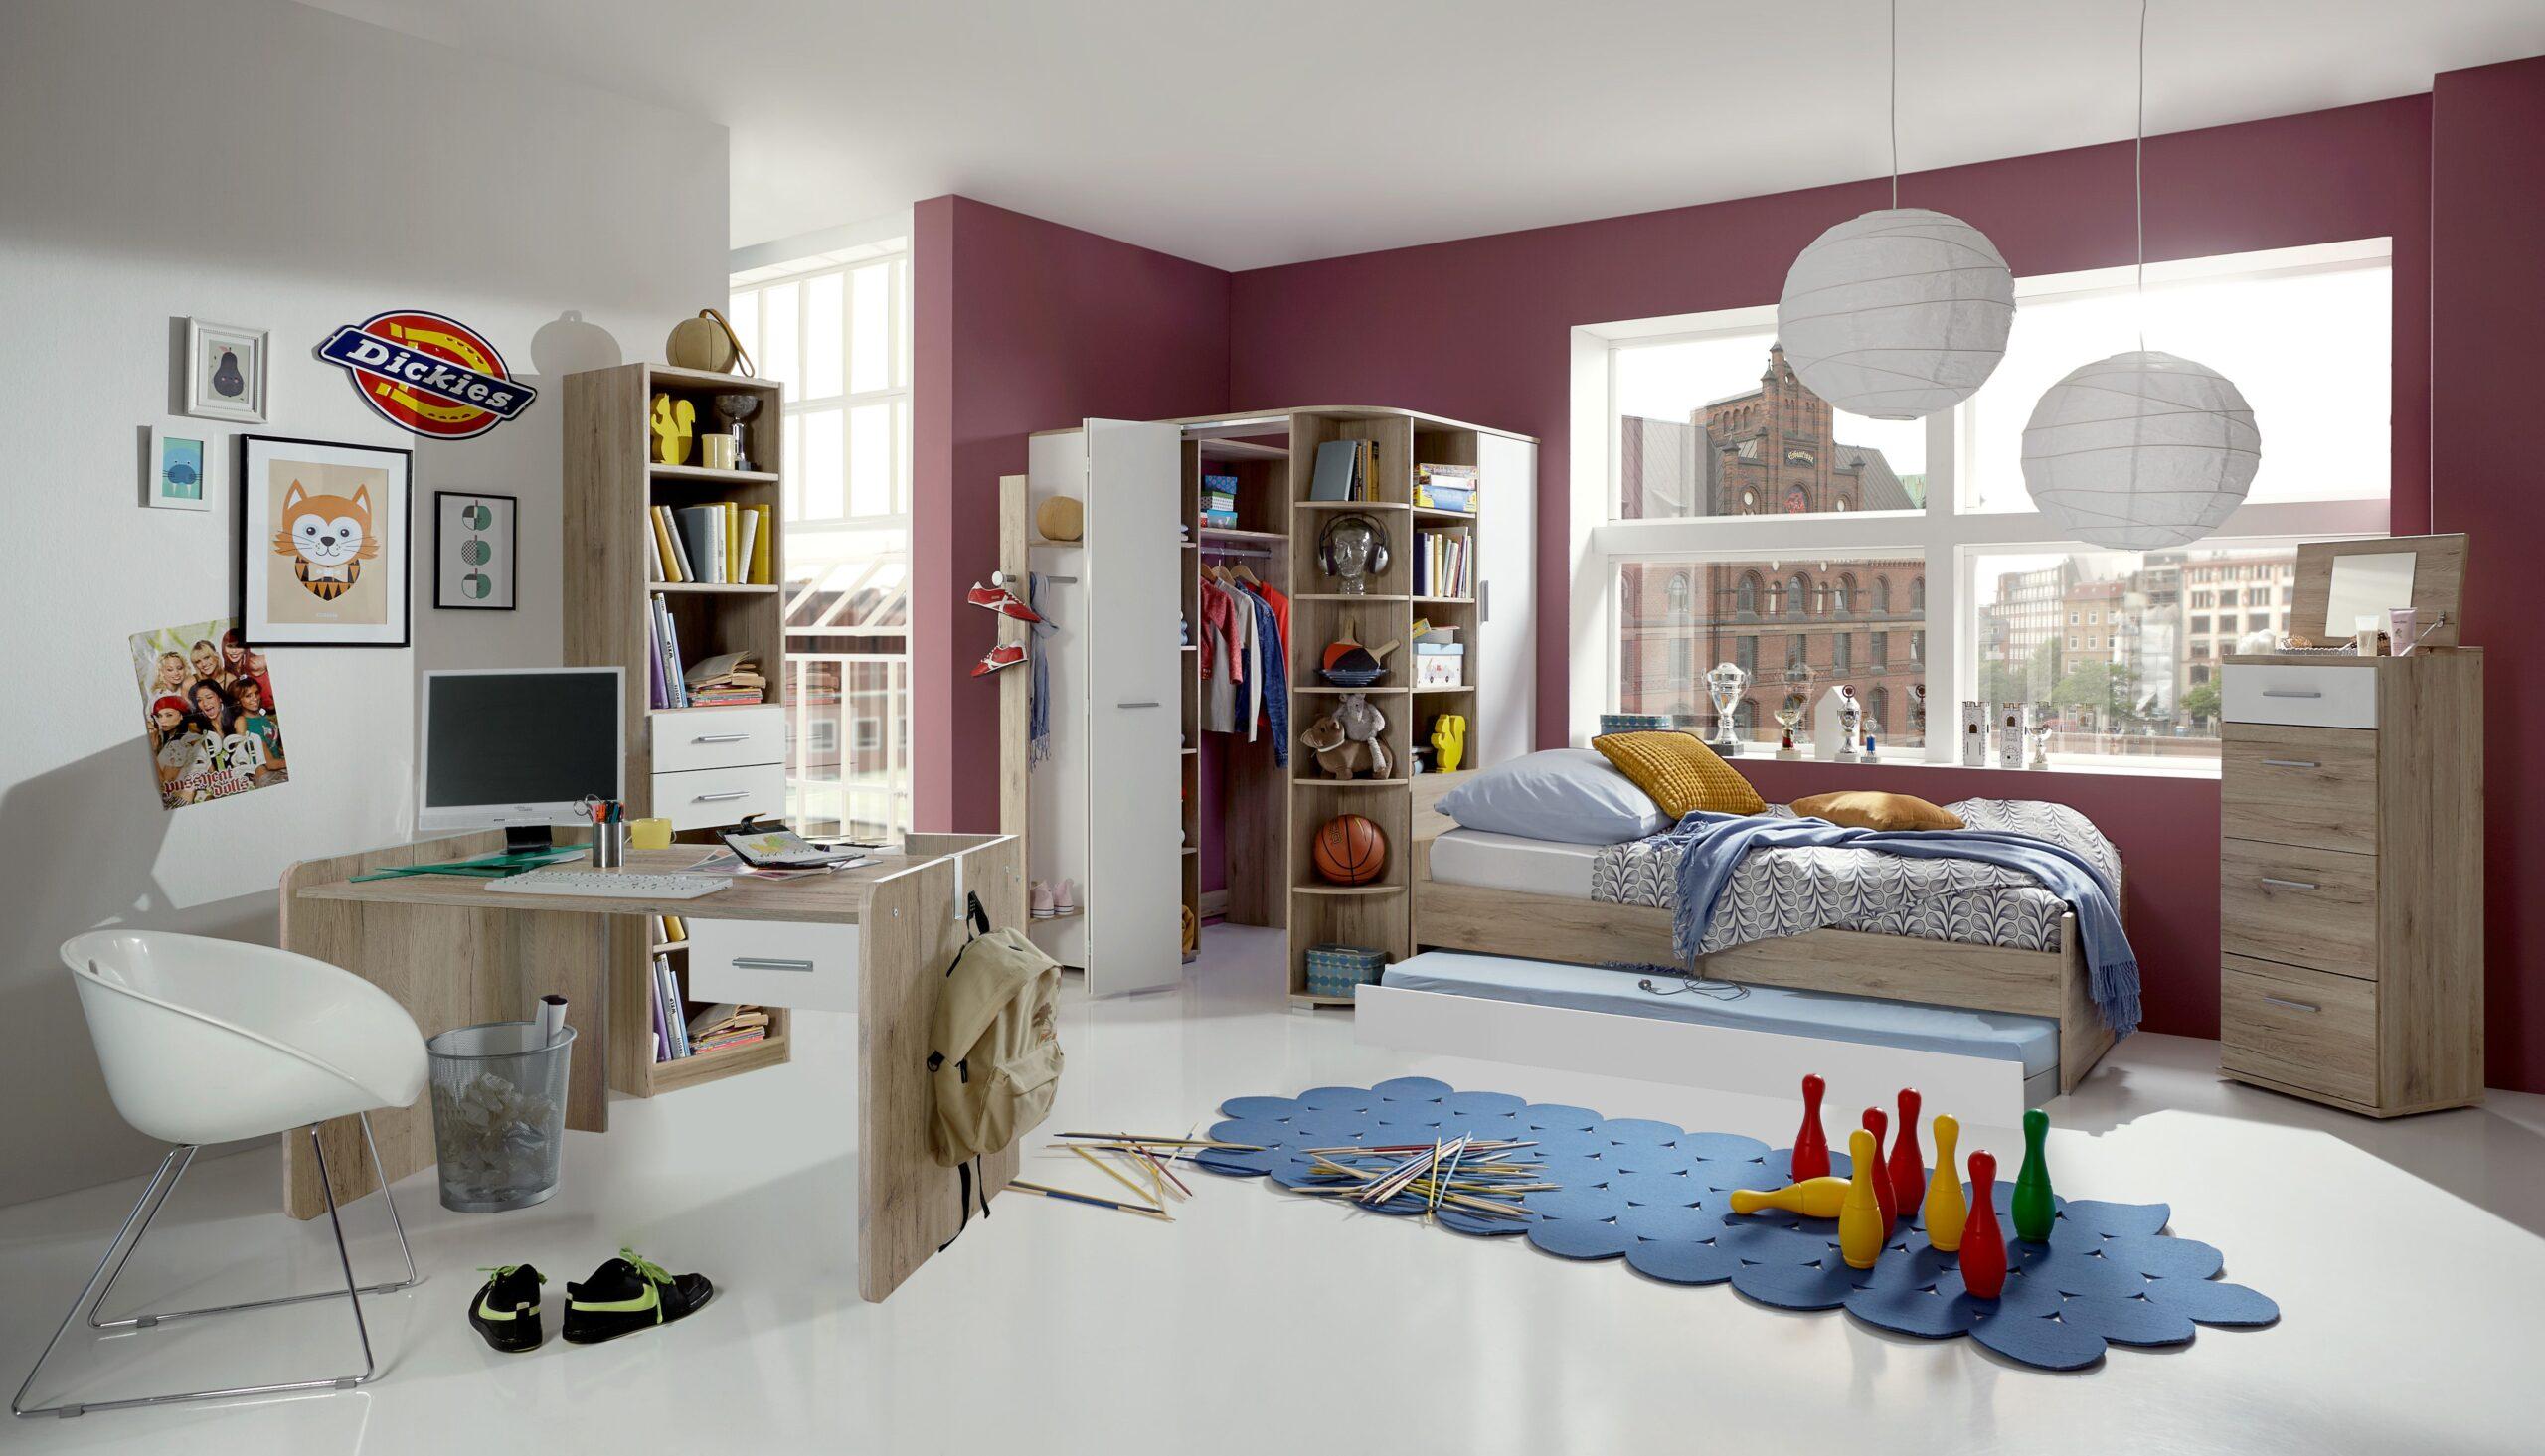 Full Size of Jugendzimmer Ikea Kleiderstange Mbel Braun Sofa Küche Kosten Modulküche Betten Bei 160x200 Mit Schlaffunktion Miniküche Kaufen Bett Wohnzimmer Jugendzimmer Ikea